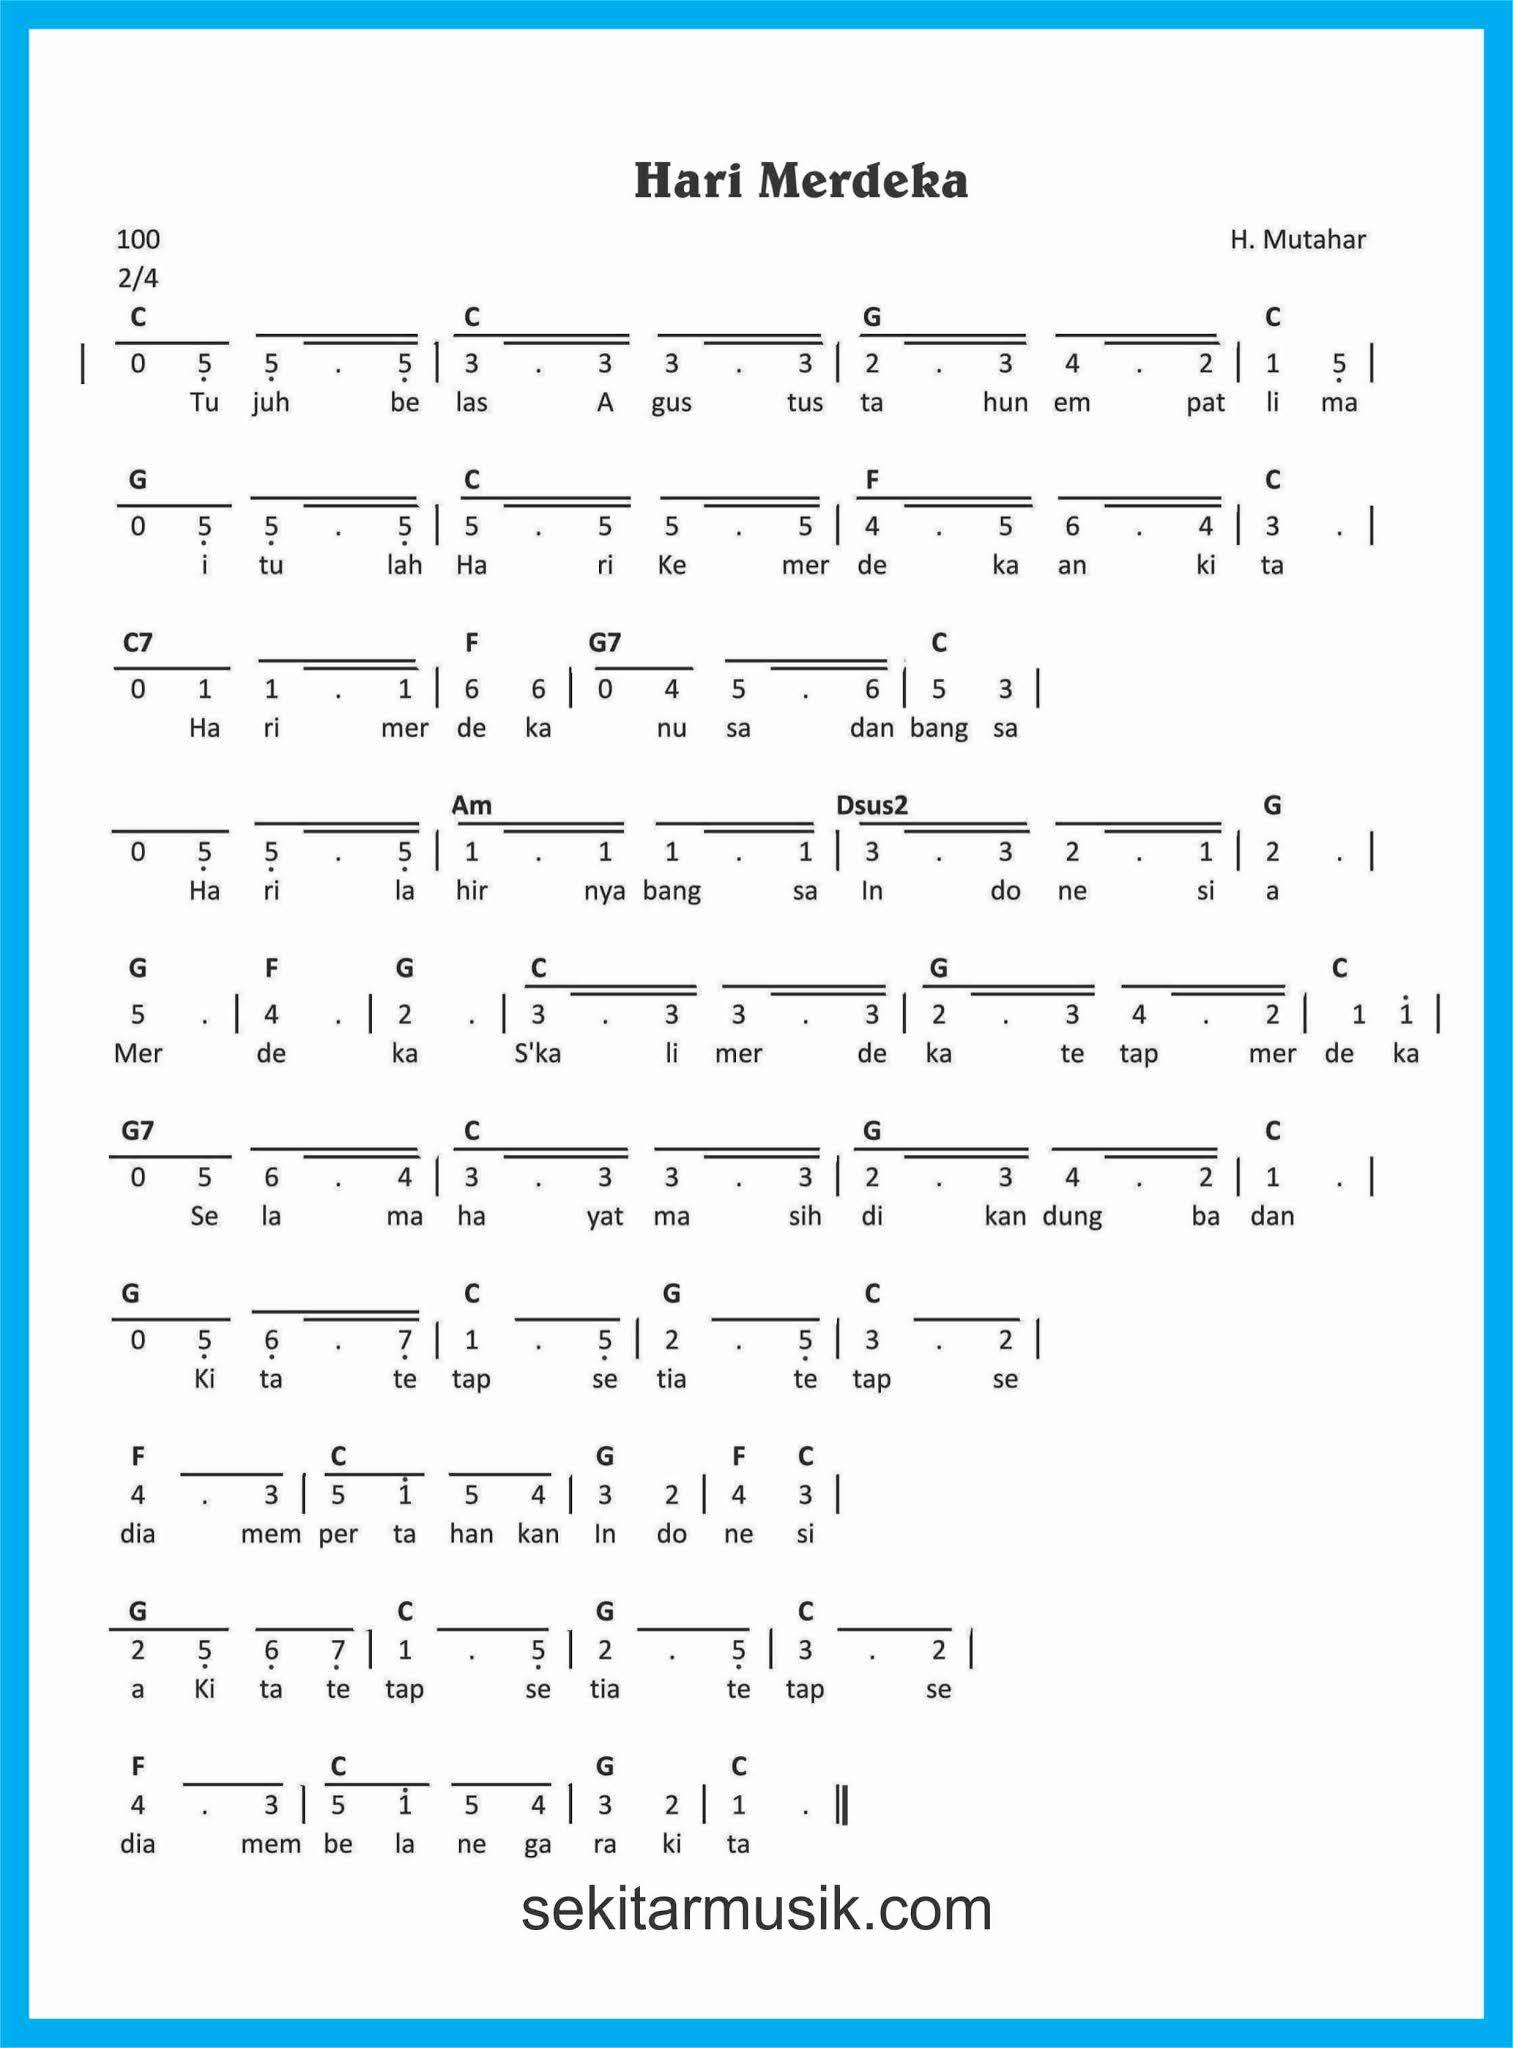 Not Angka Lagu Hari Merdeka : angka, merdeka, Angka, Merdeka, SEKITAR, MUSIK